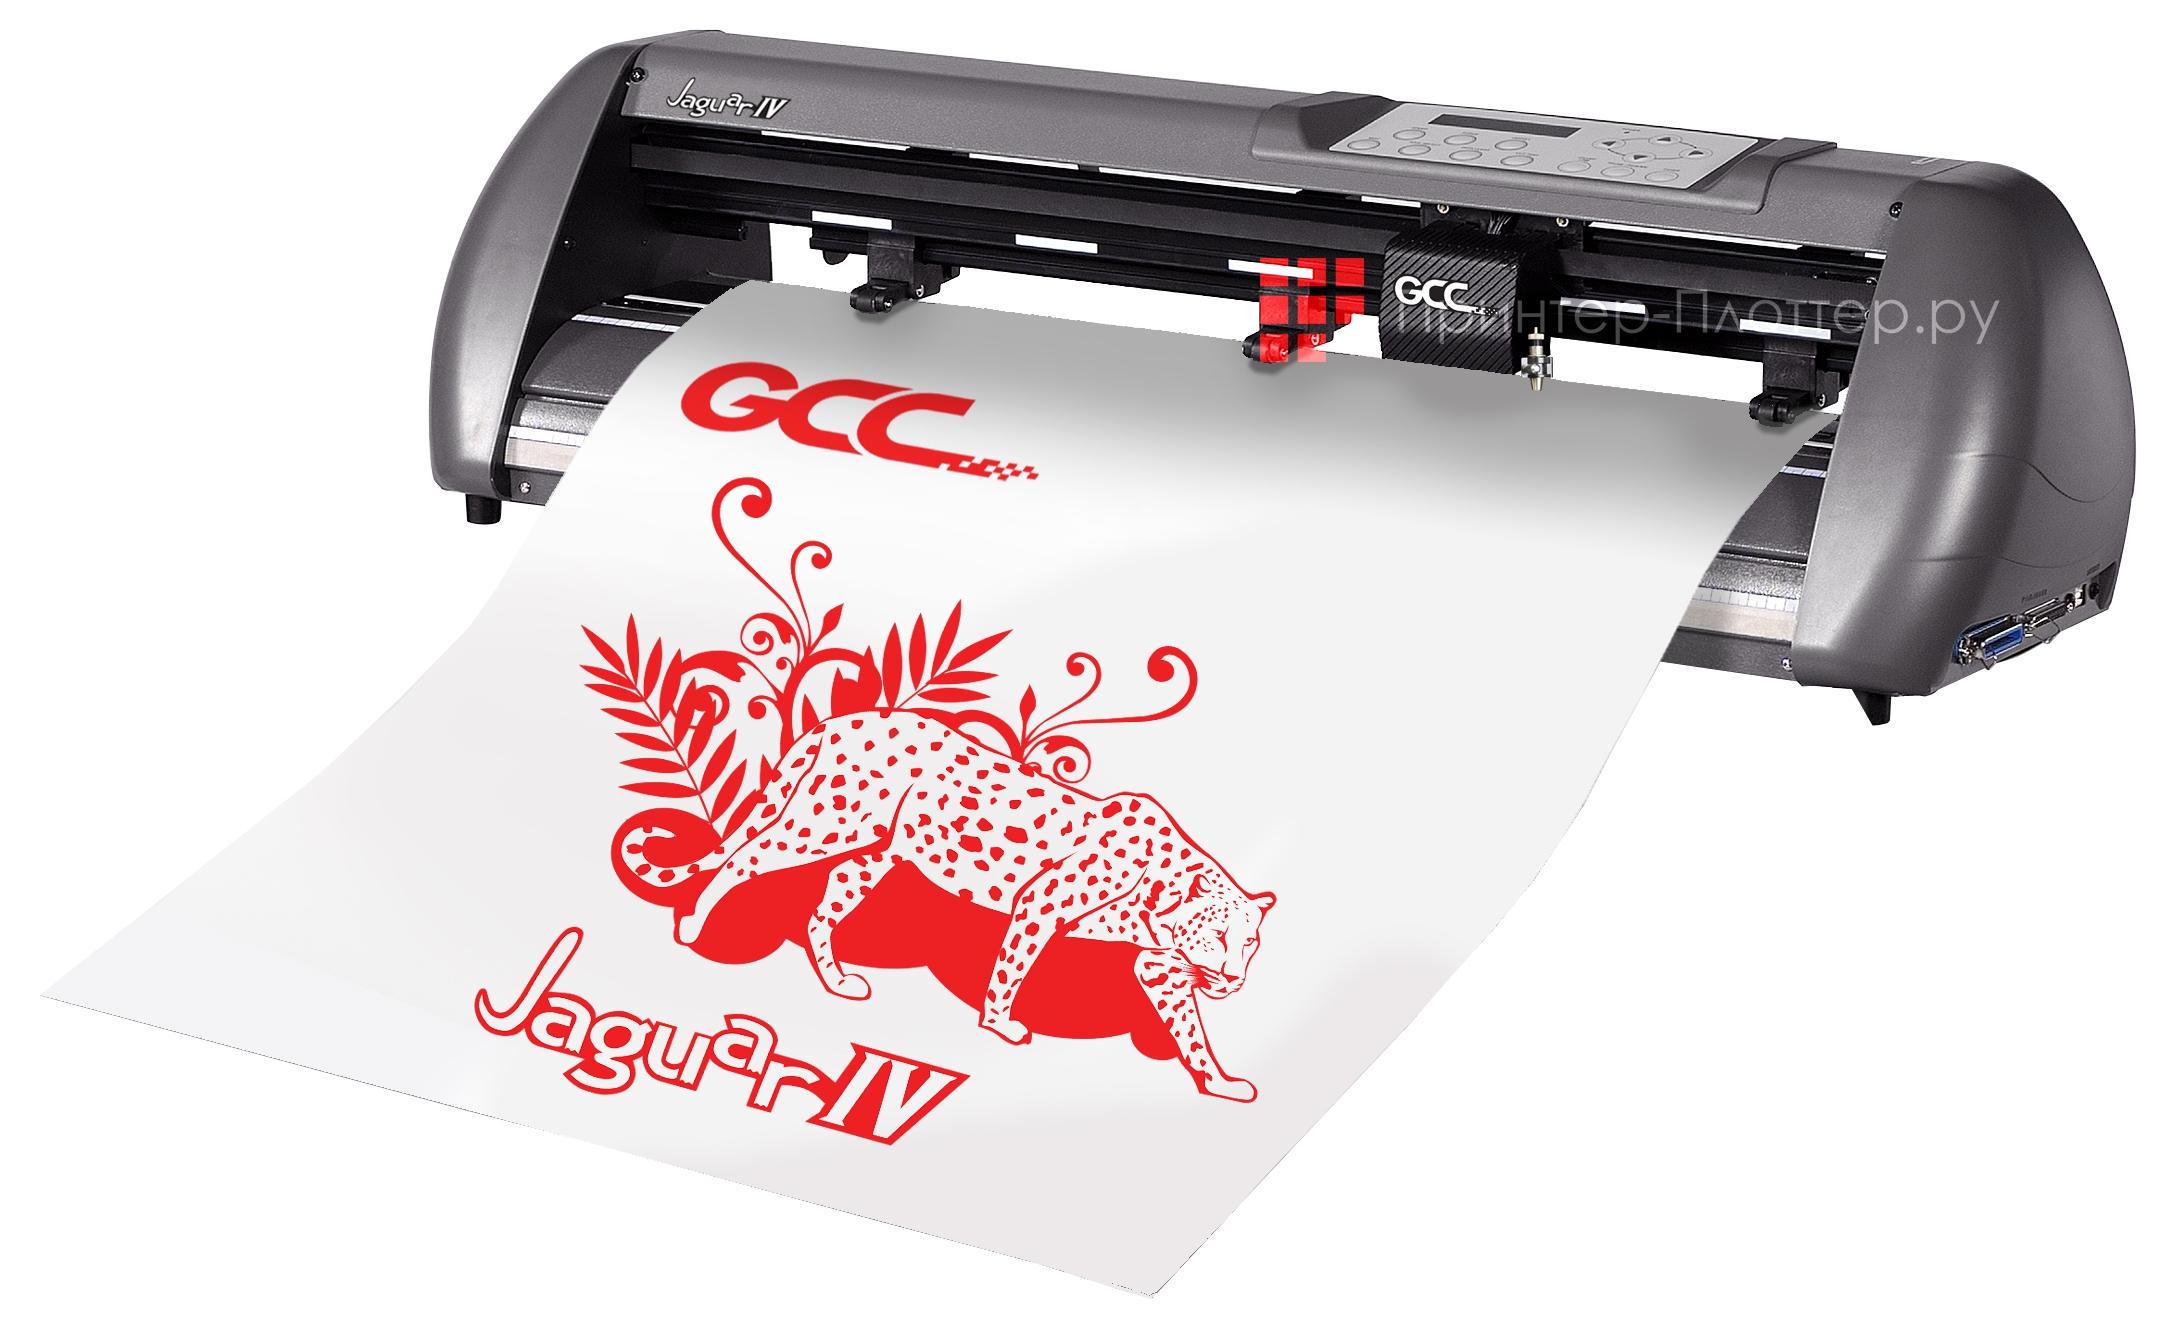 GCC SignPal Jaguar IV 61S